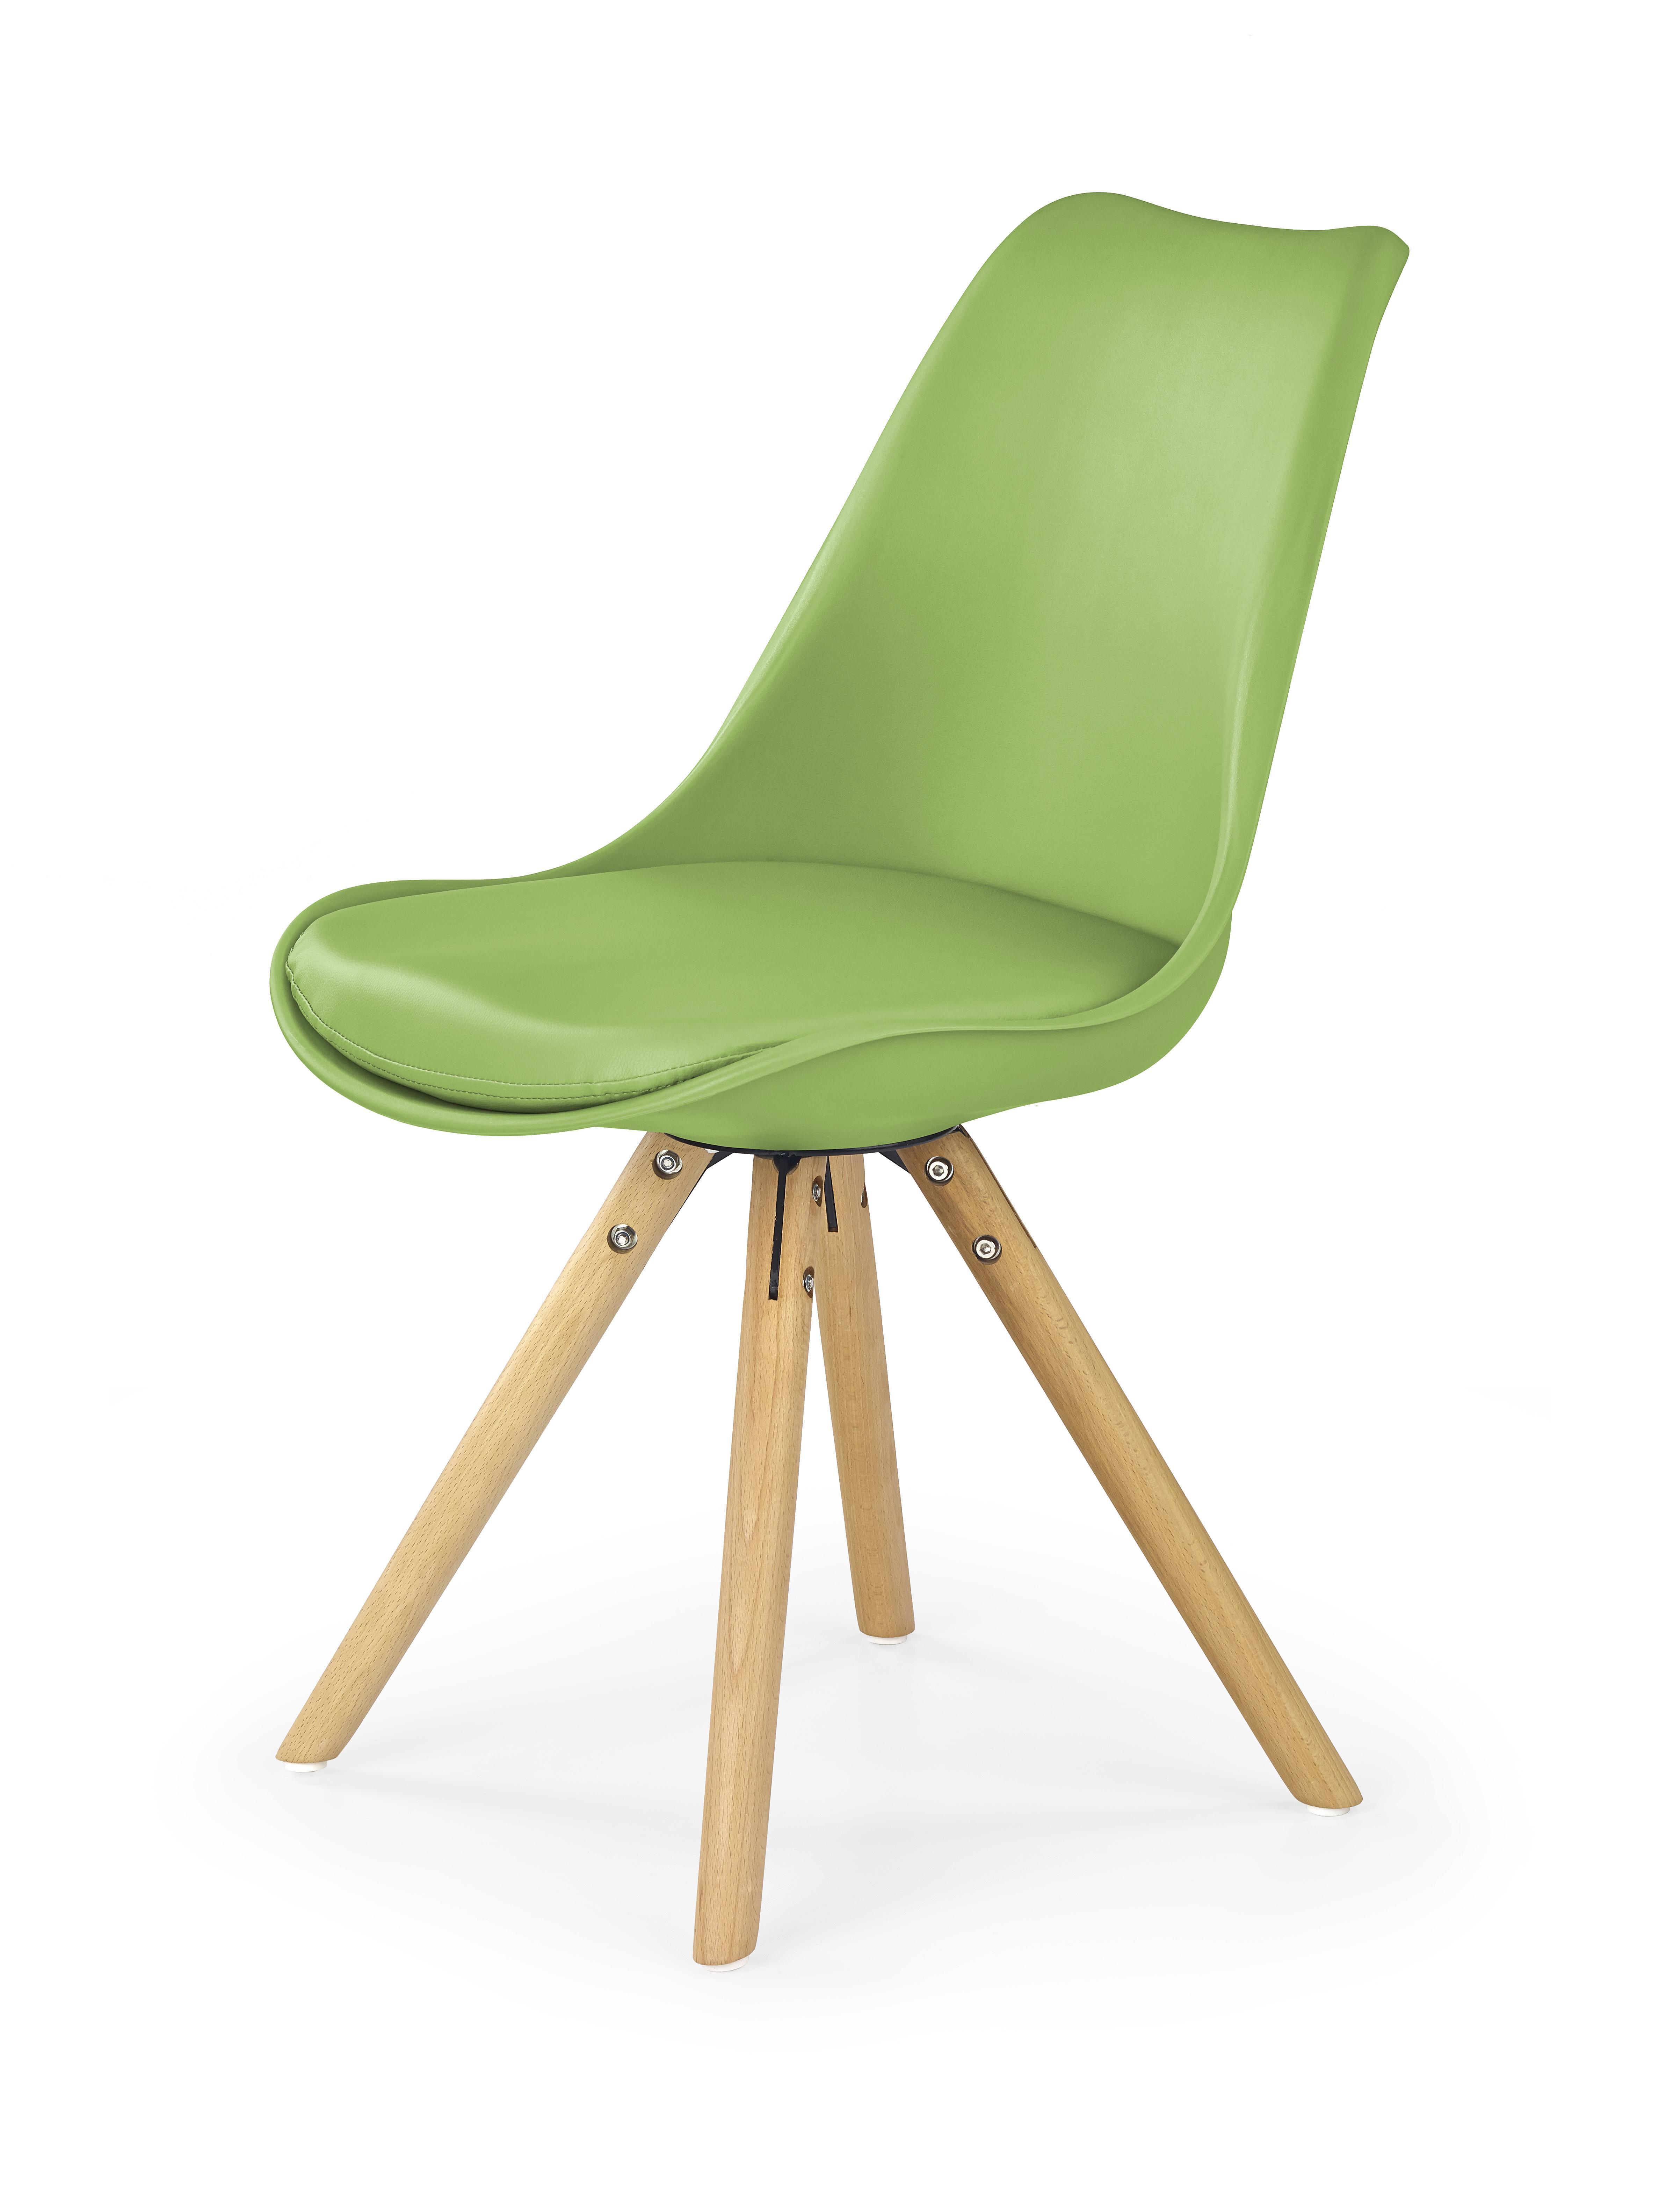 Jedálenská stolička - Halmar - K201 (zelená). Akcia -6%. Sme autorizovaný predajca Halmar.